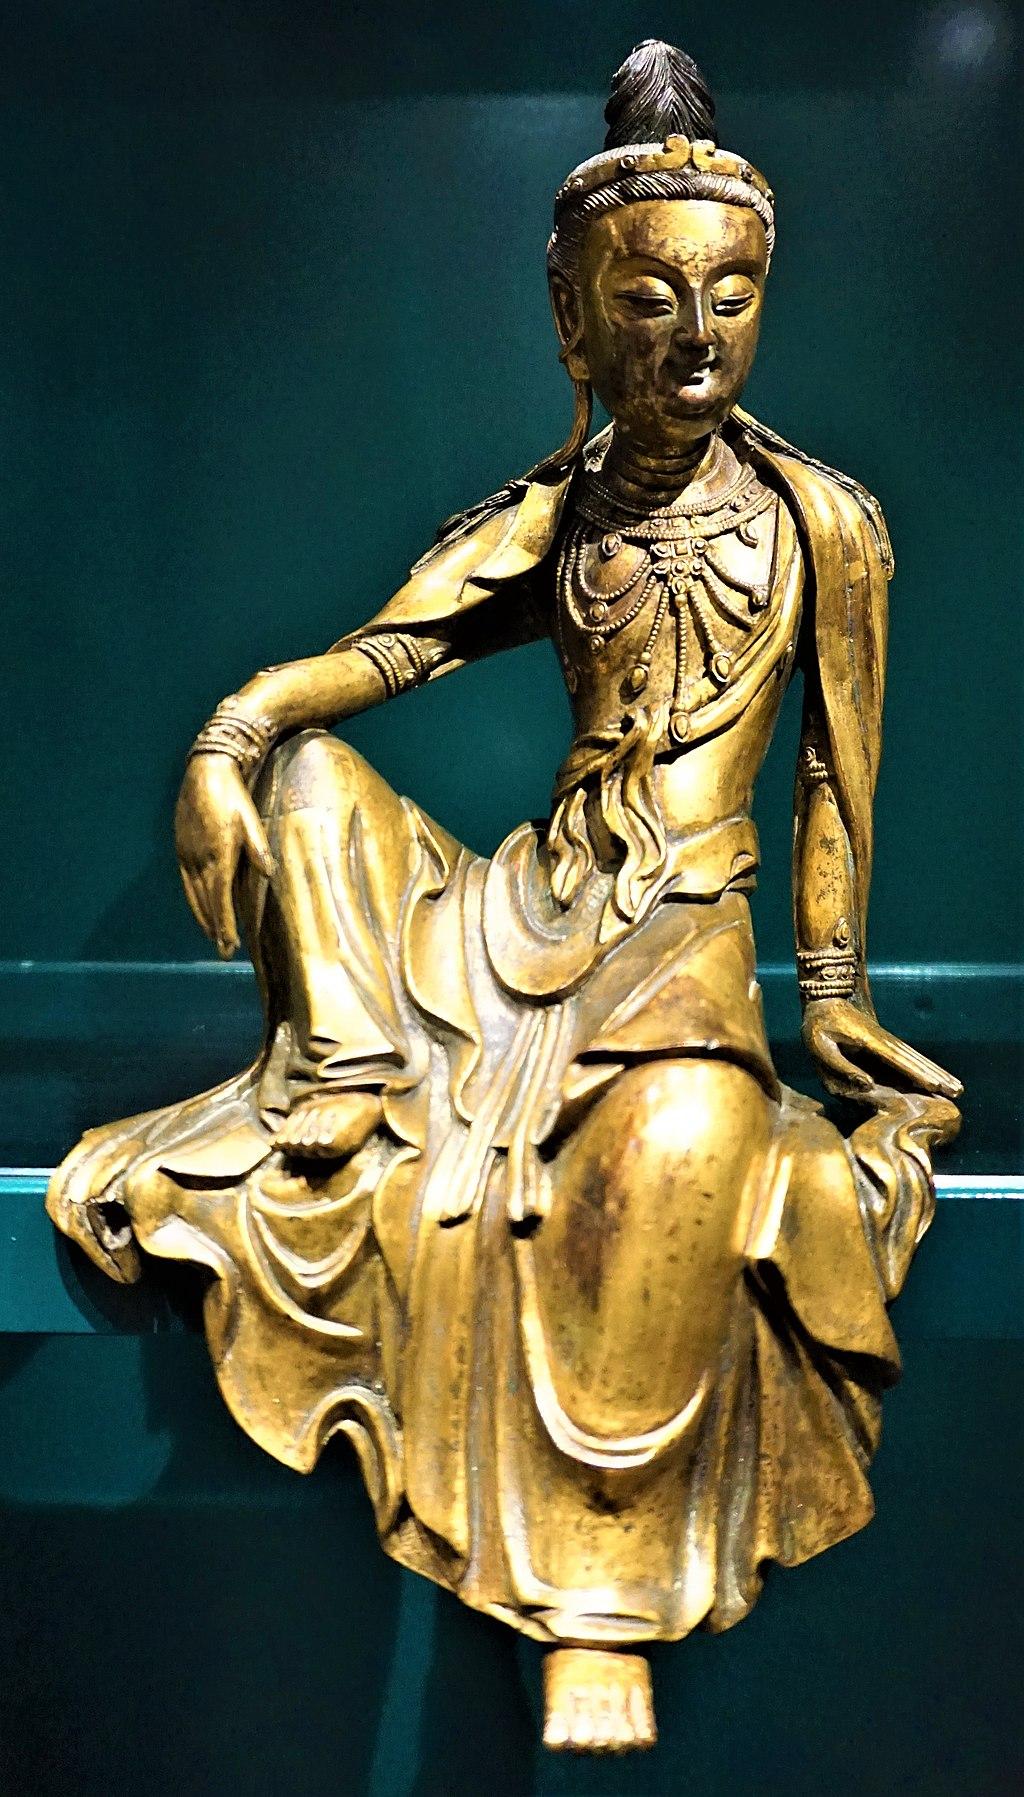 Avalokiteshvara - Guanyin